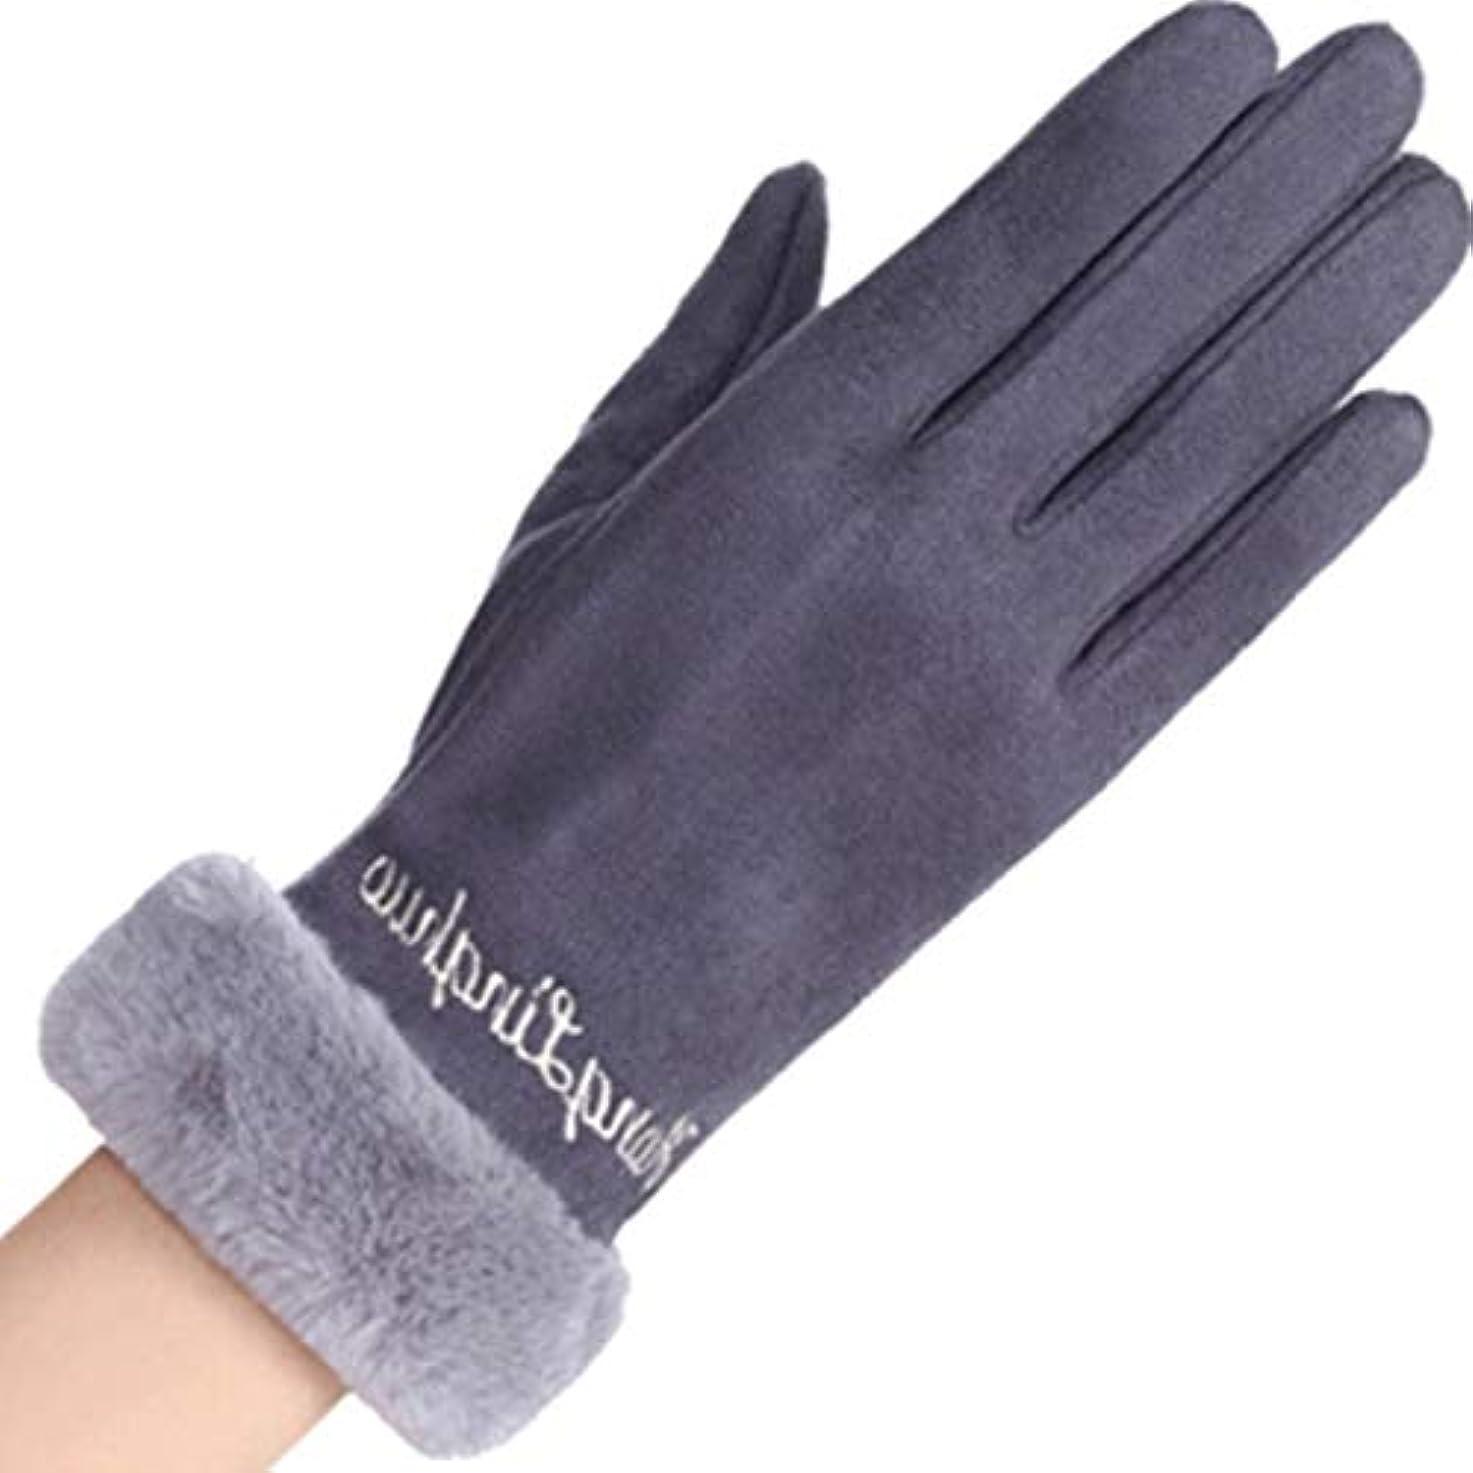 暴君吸収する痛み手袋の女性の暖かいタッチスクリーンの携帯電話春と秋の冬の防風レターレディースウール手袋黒灰色の粉 (色 : Gray)